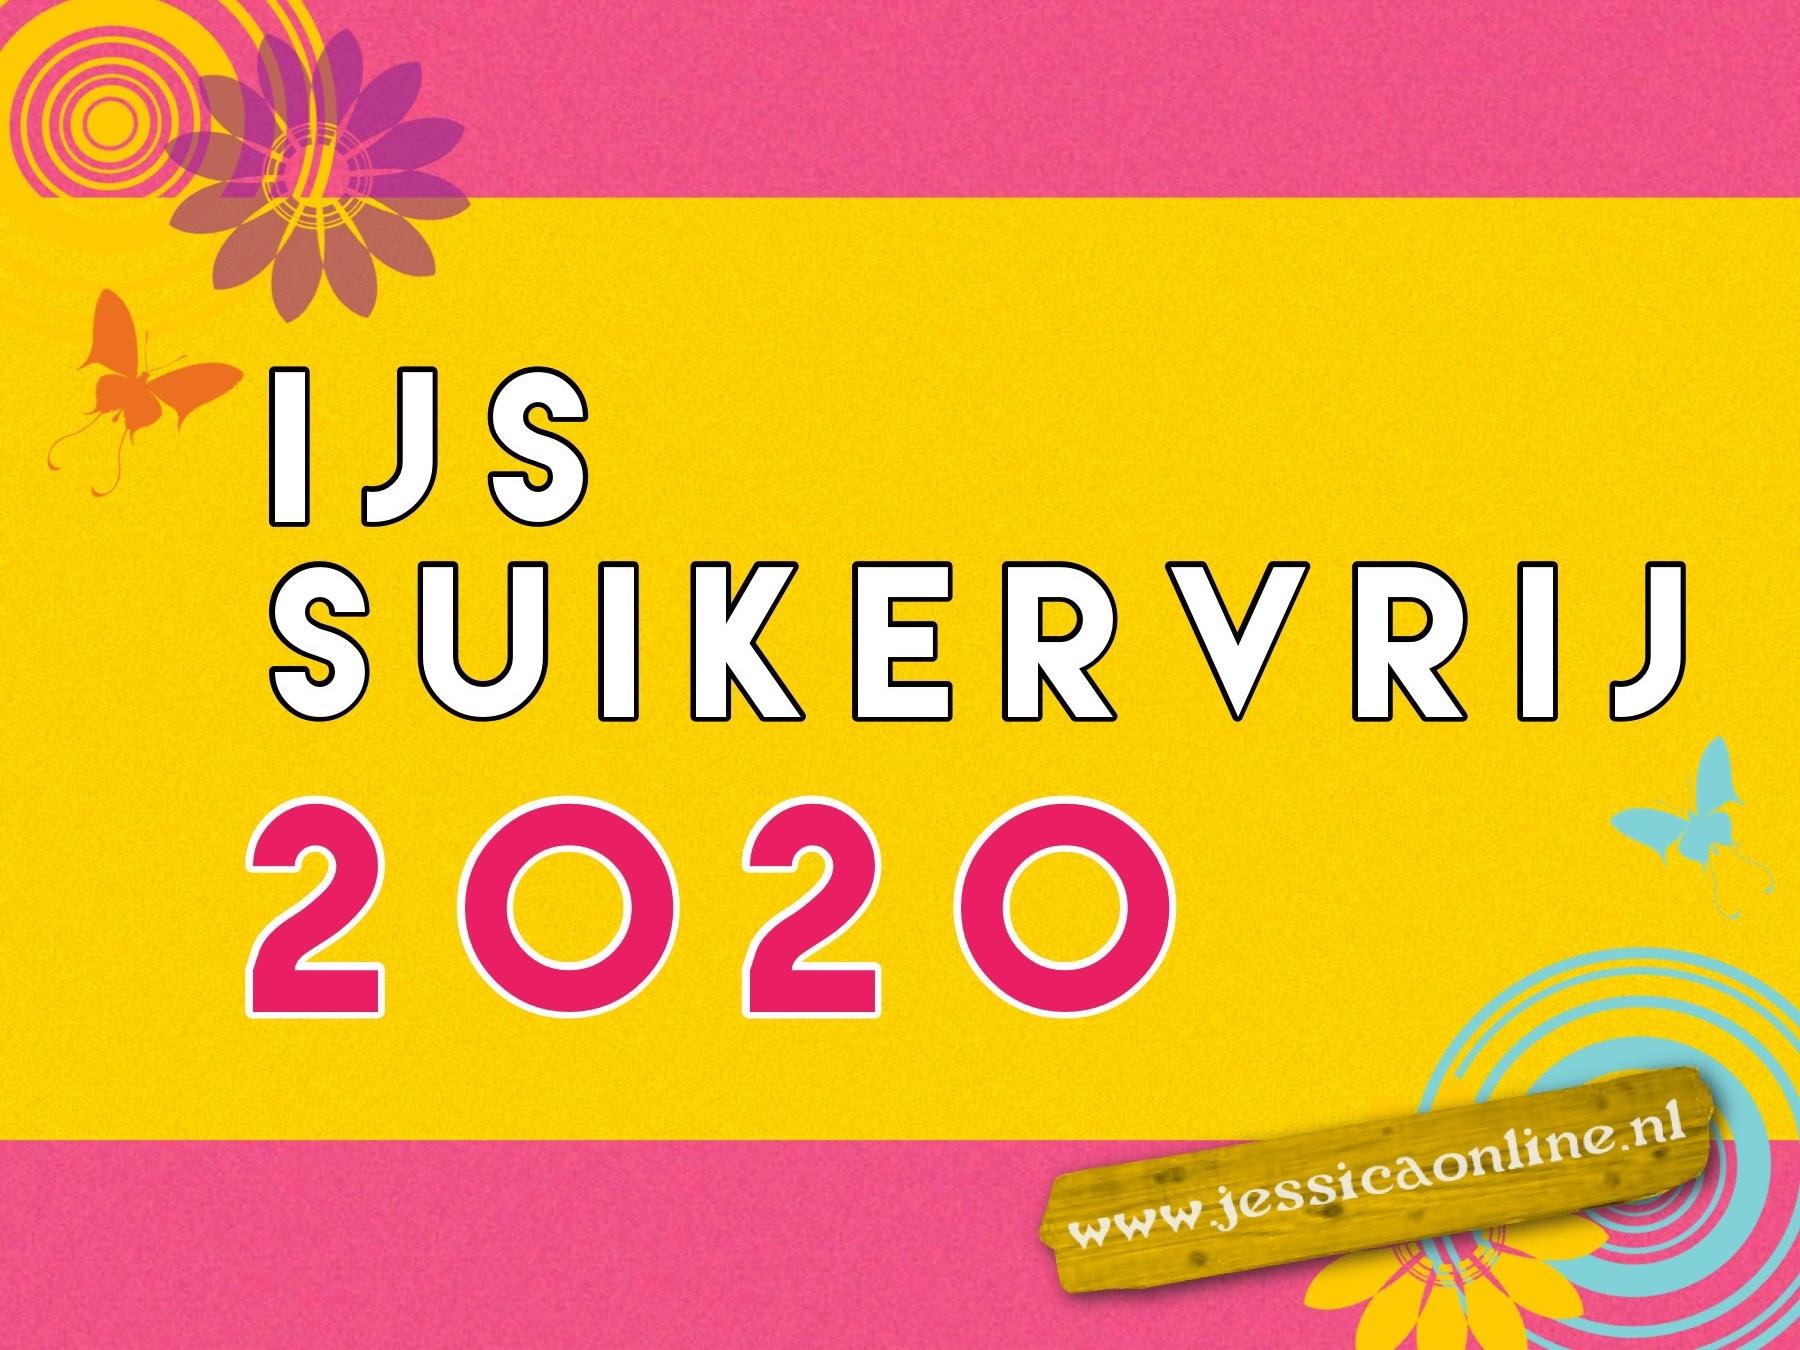 Mijn missie: in 2020 op iedere ijskaart in NL een ijsje van 100% fruit!